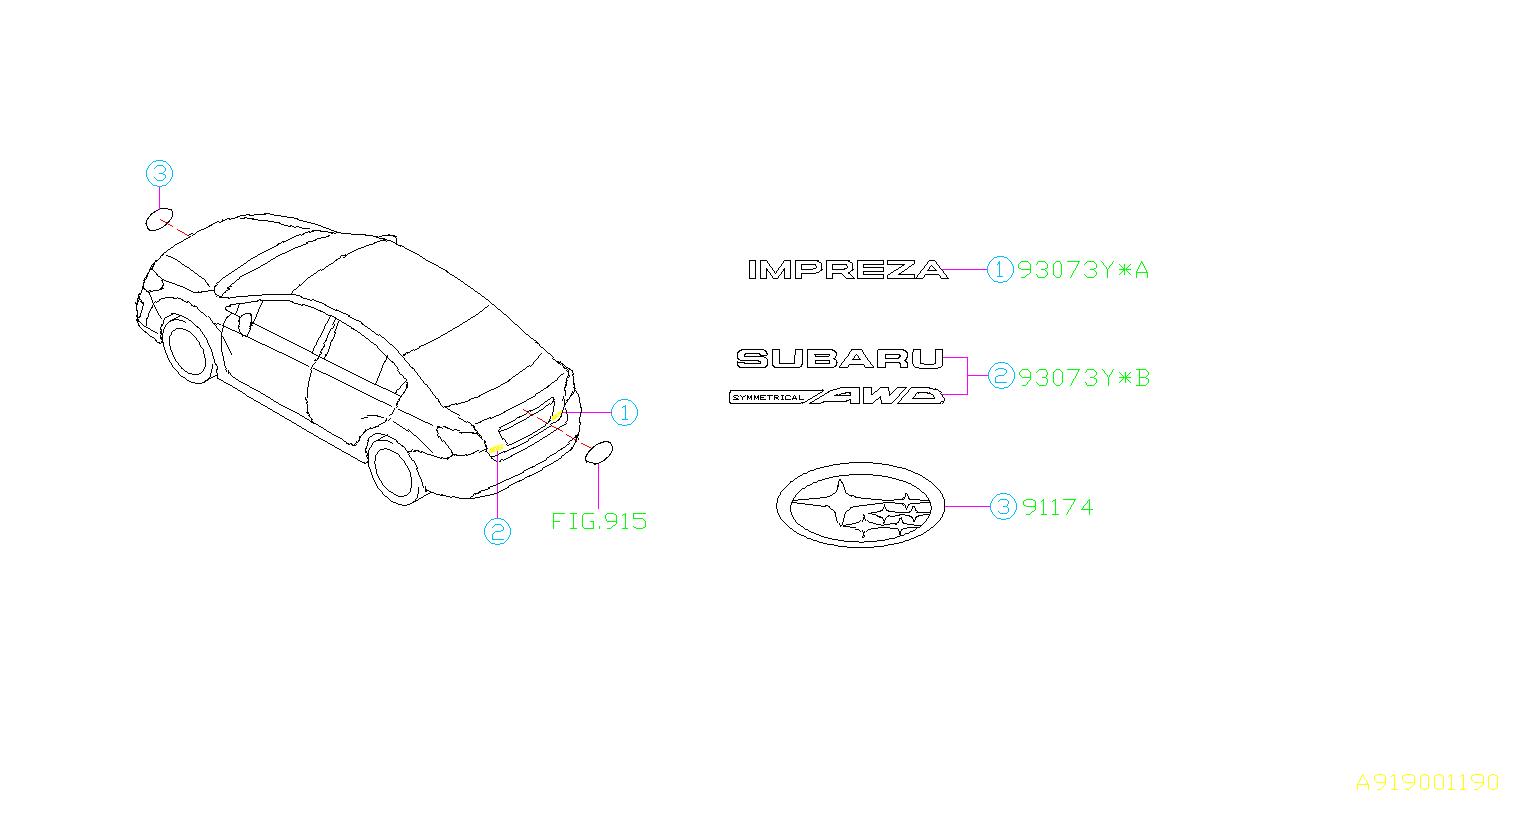 A Diagram Of Subaru